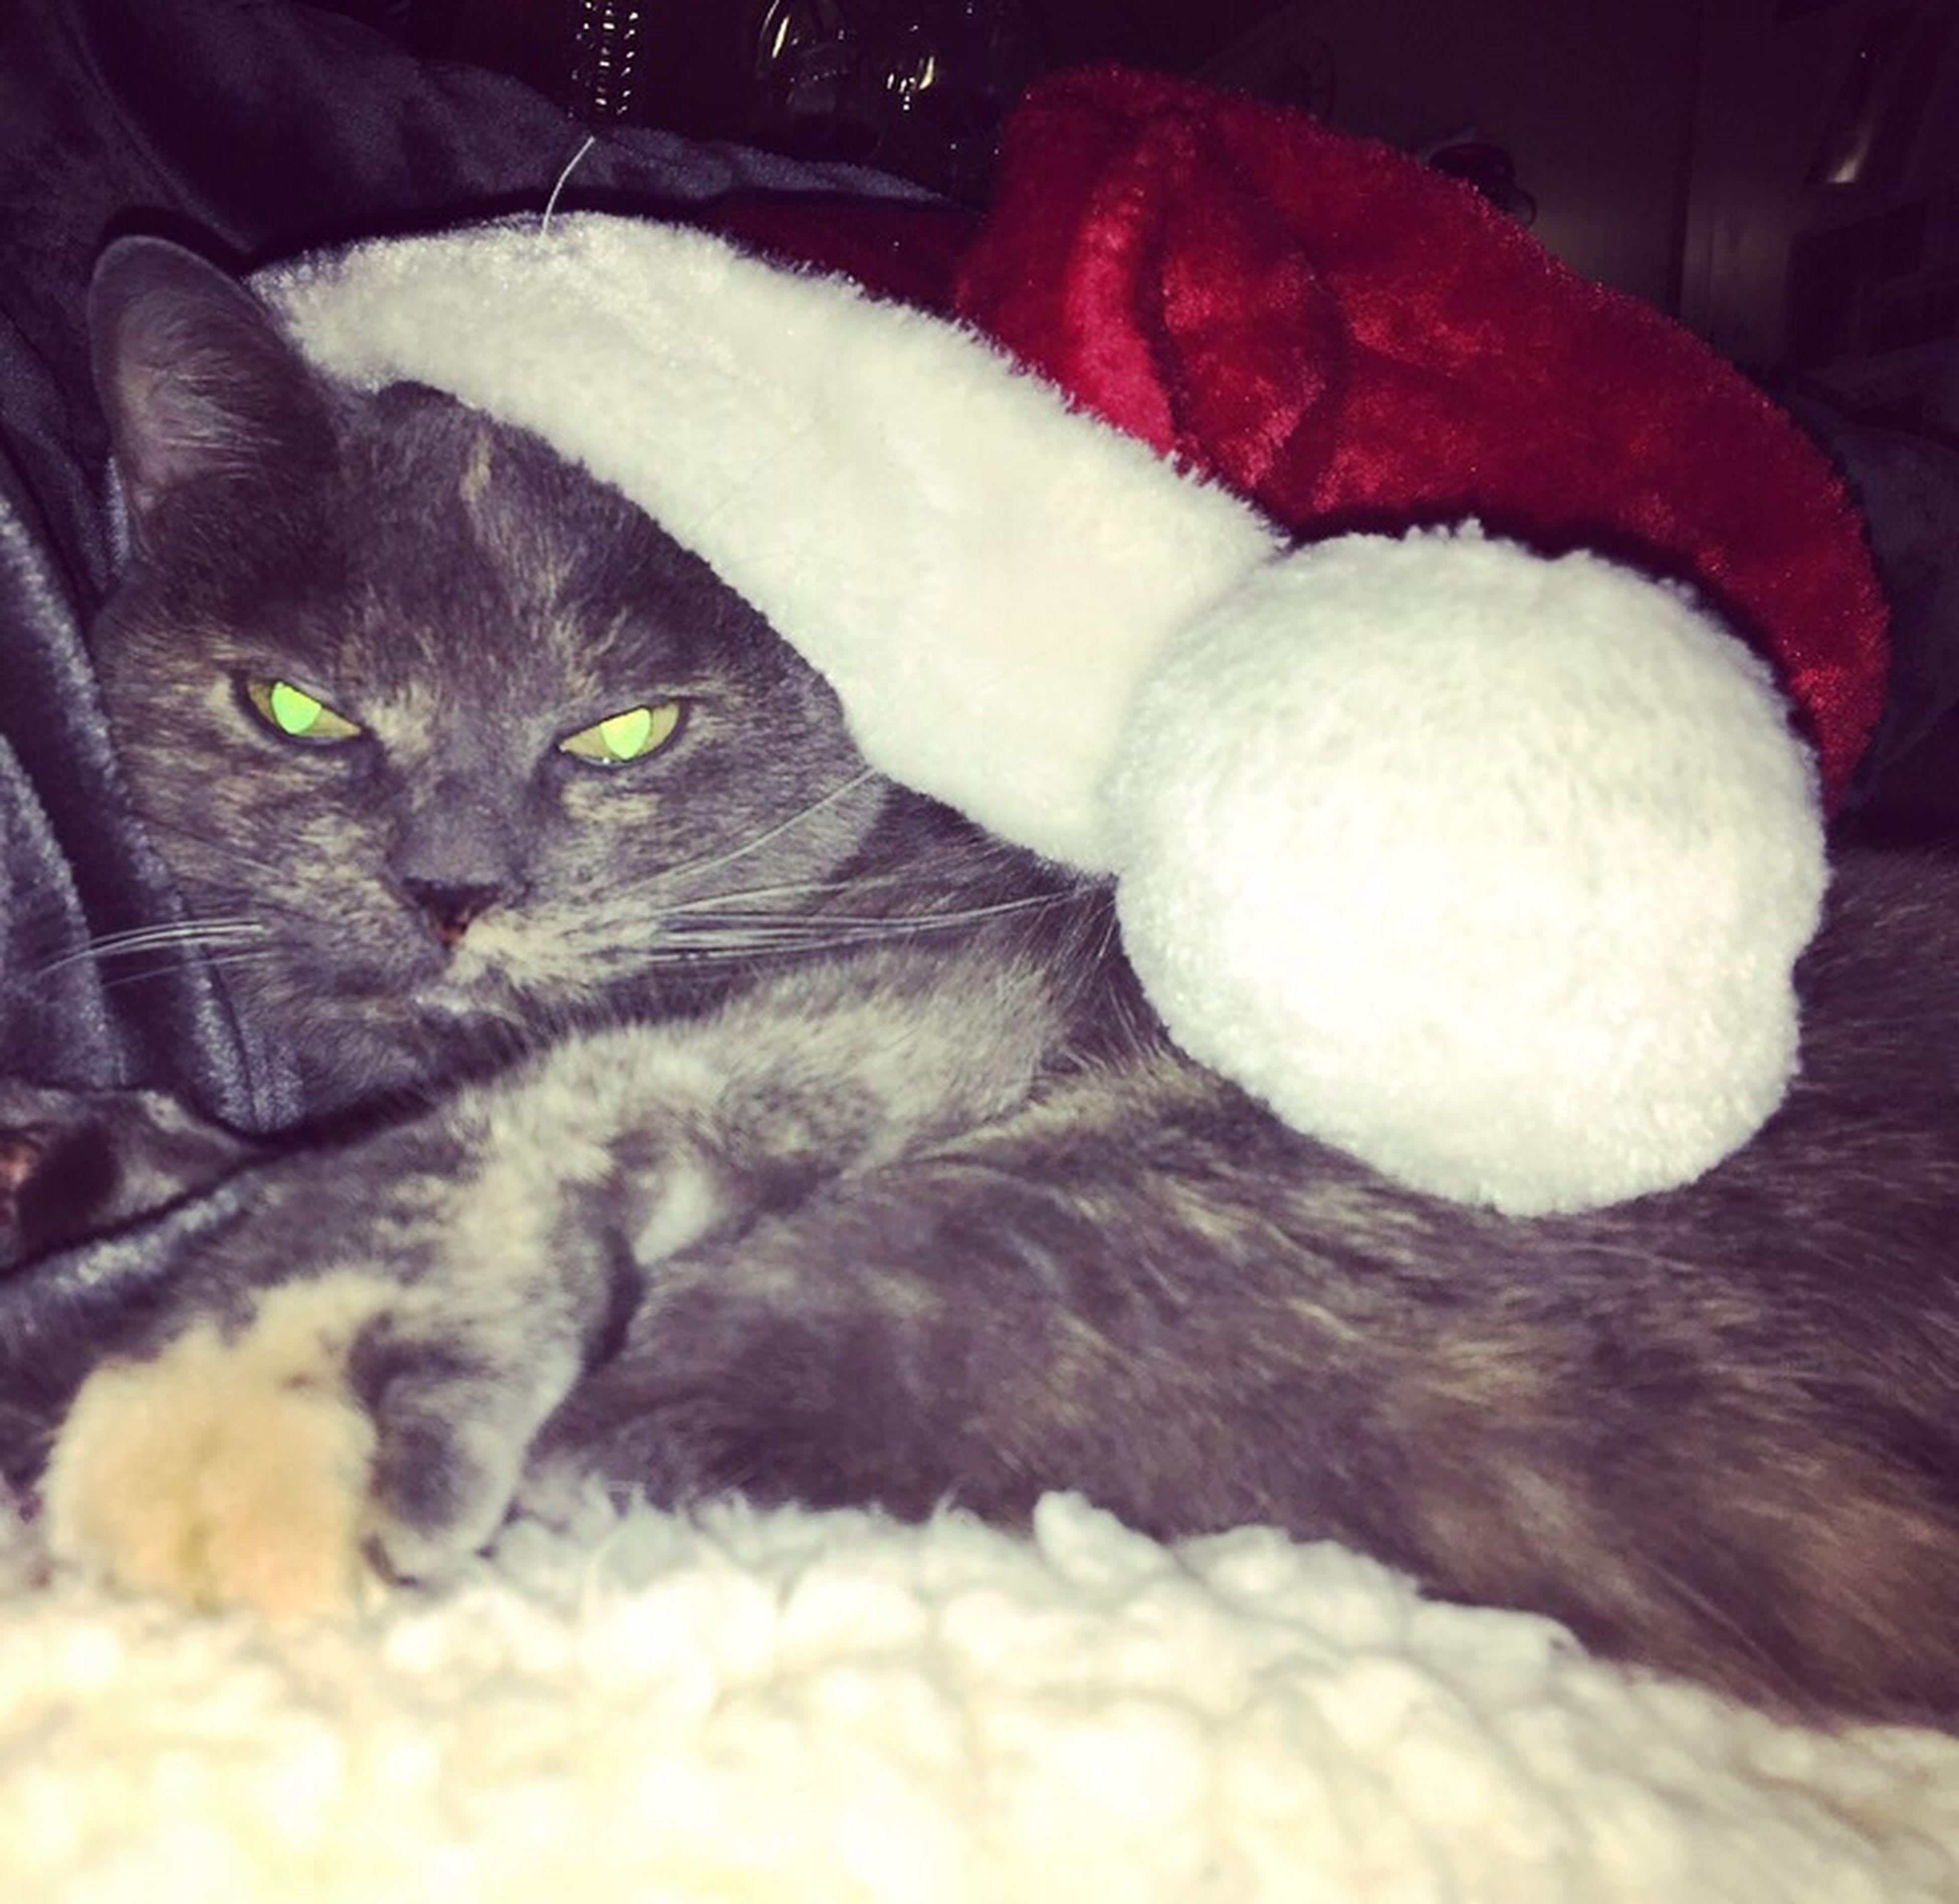 MerryChristmas Merrychristmasyafilthyanimal Kitty